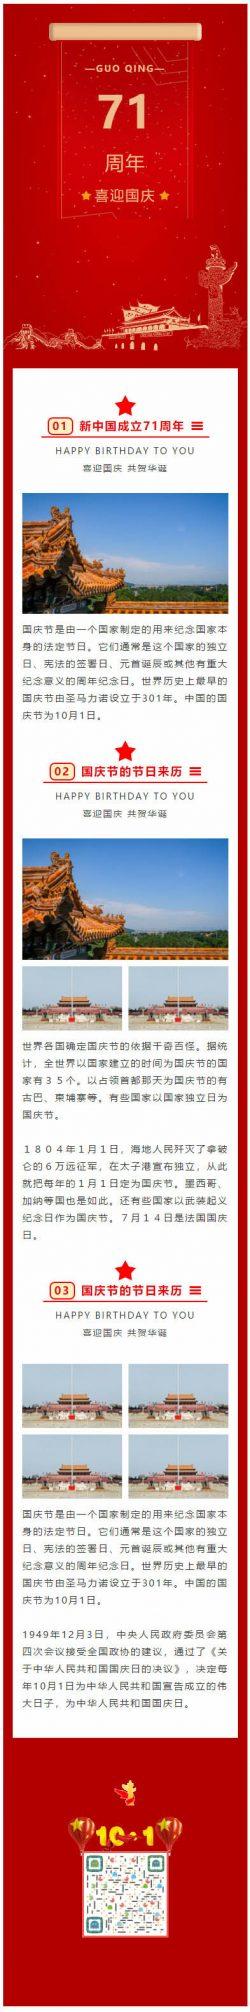 2020国庆节71周年公众号推文模板红色党政风格推送图文素材